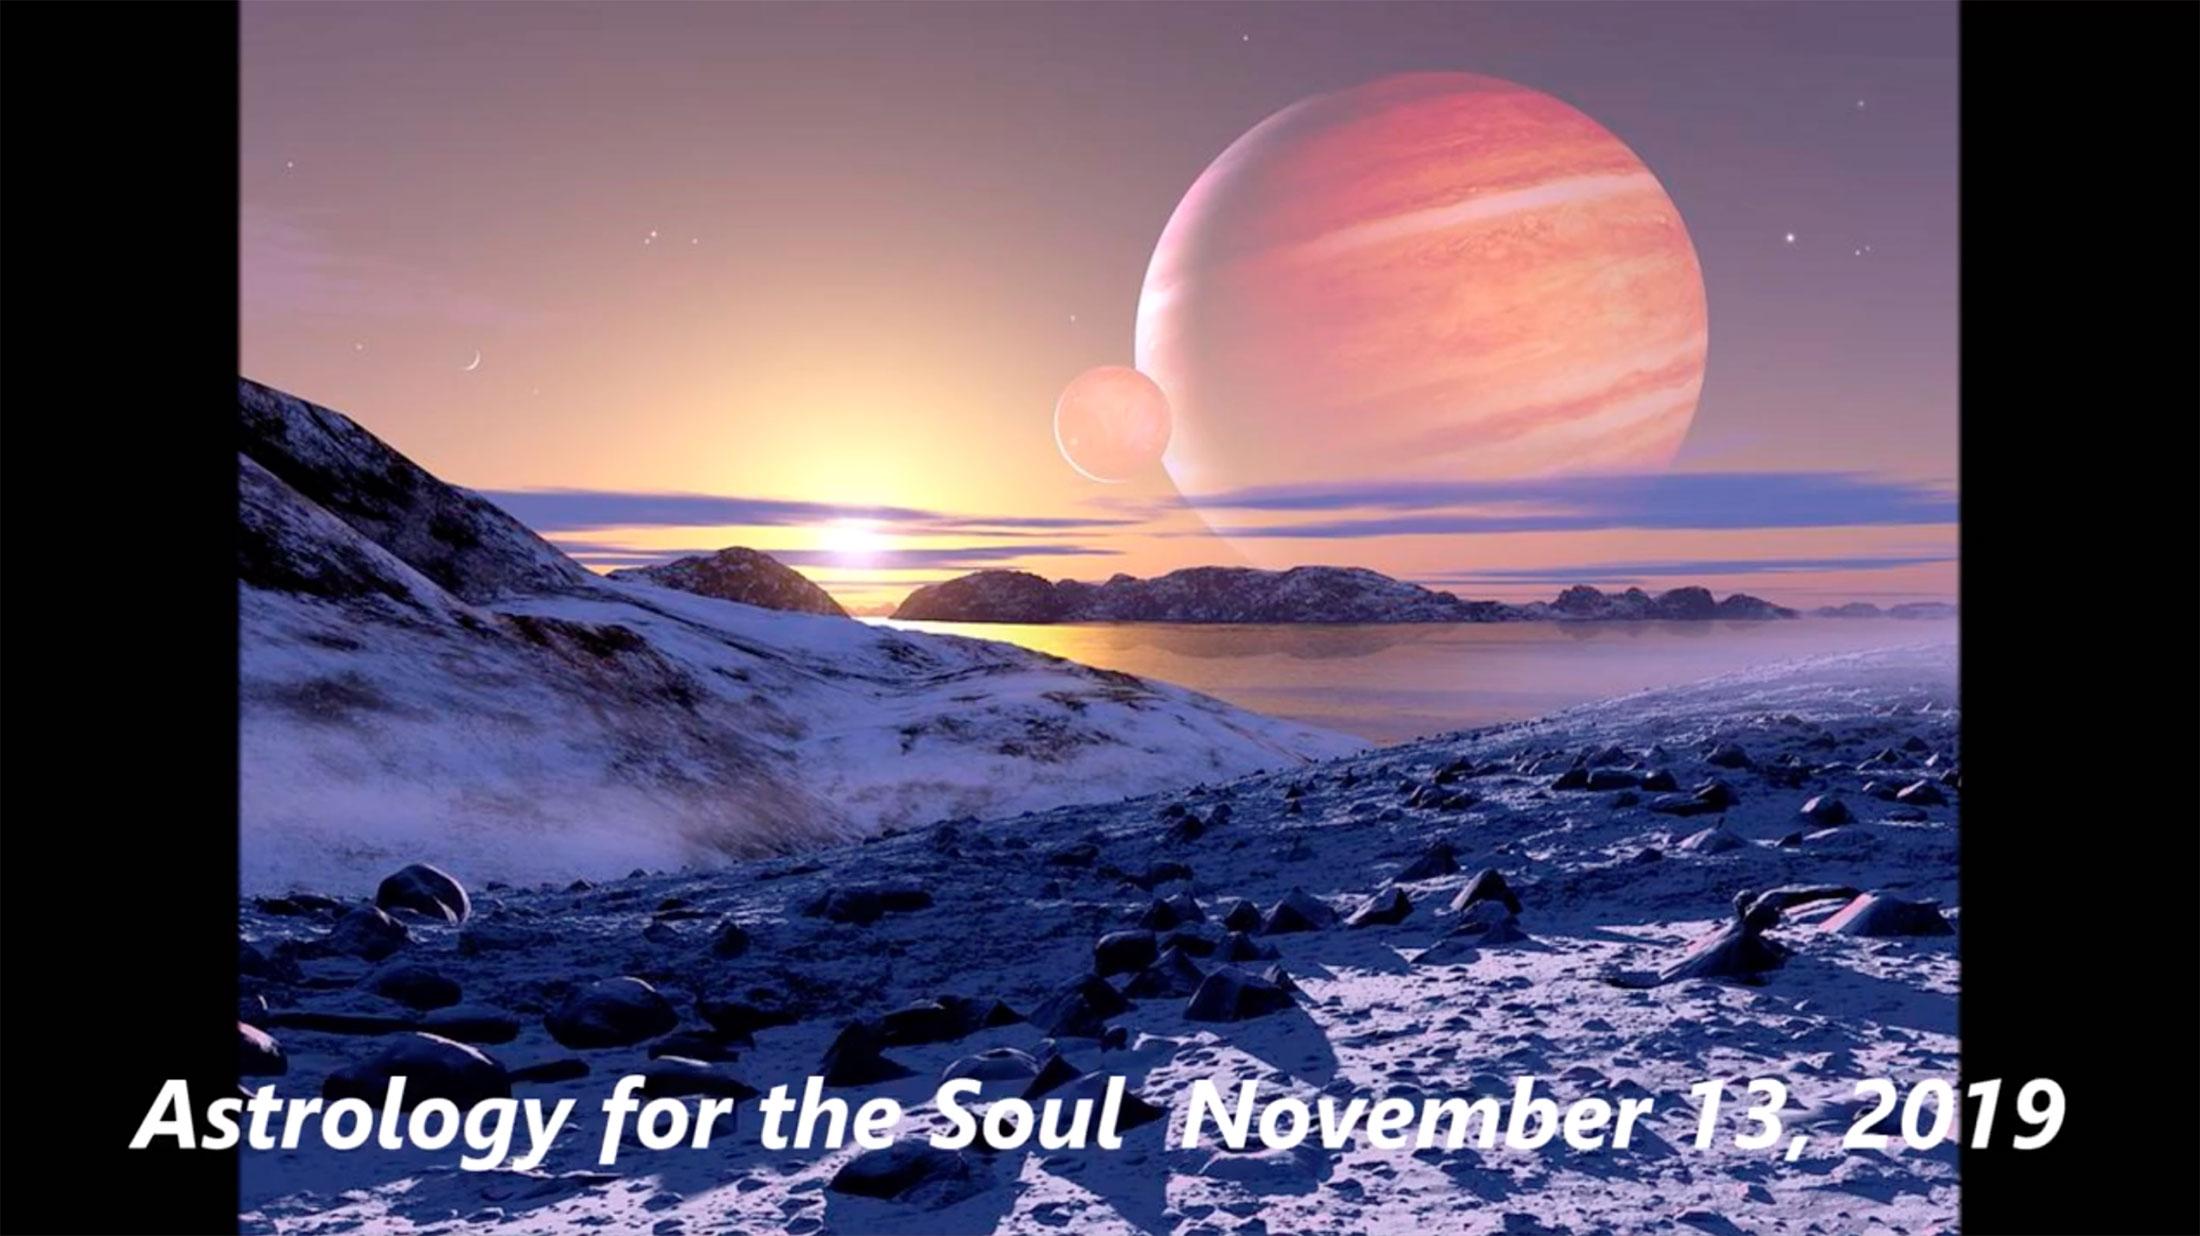 Nov 13rd, 2019 – Pele Report, Astrology Forecast